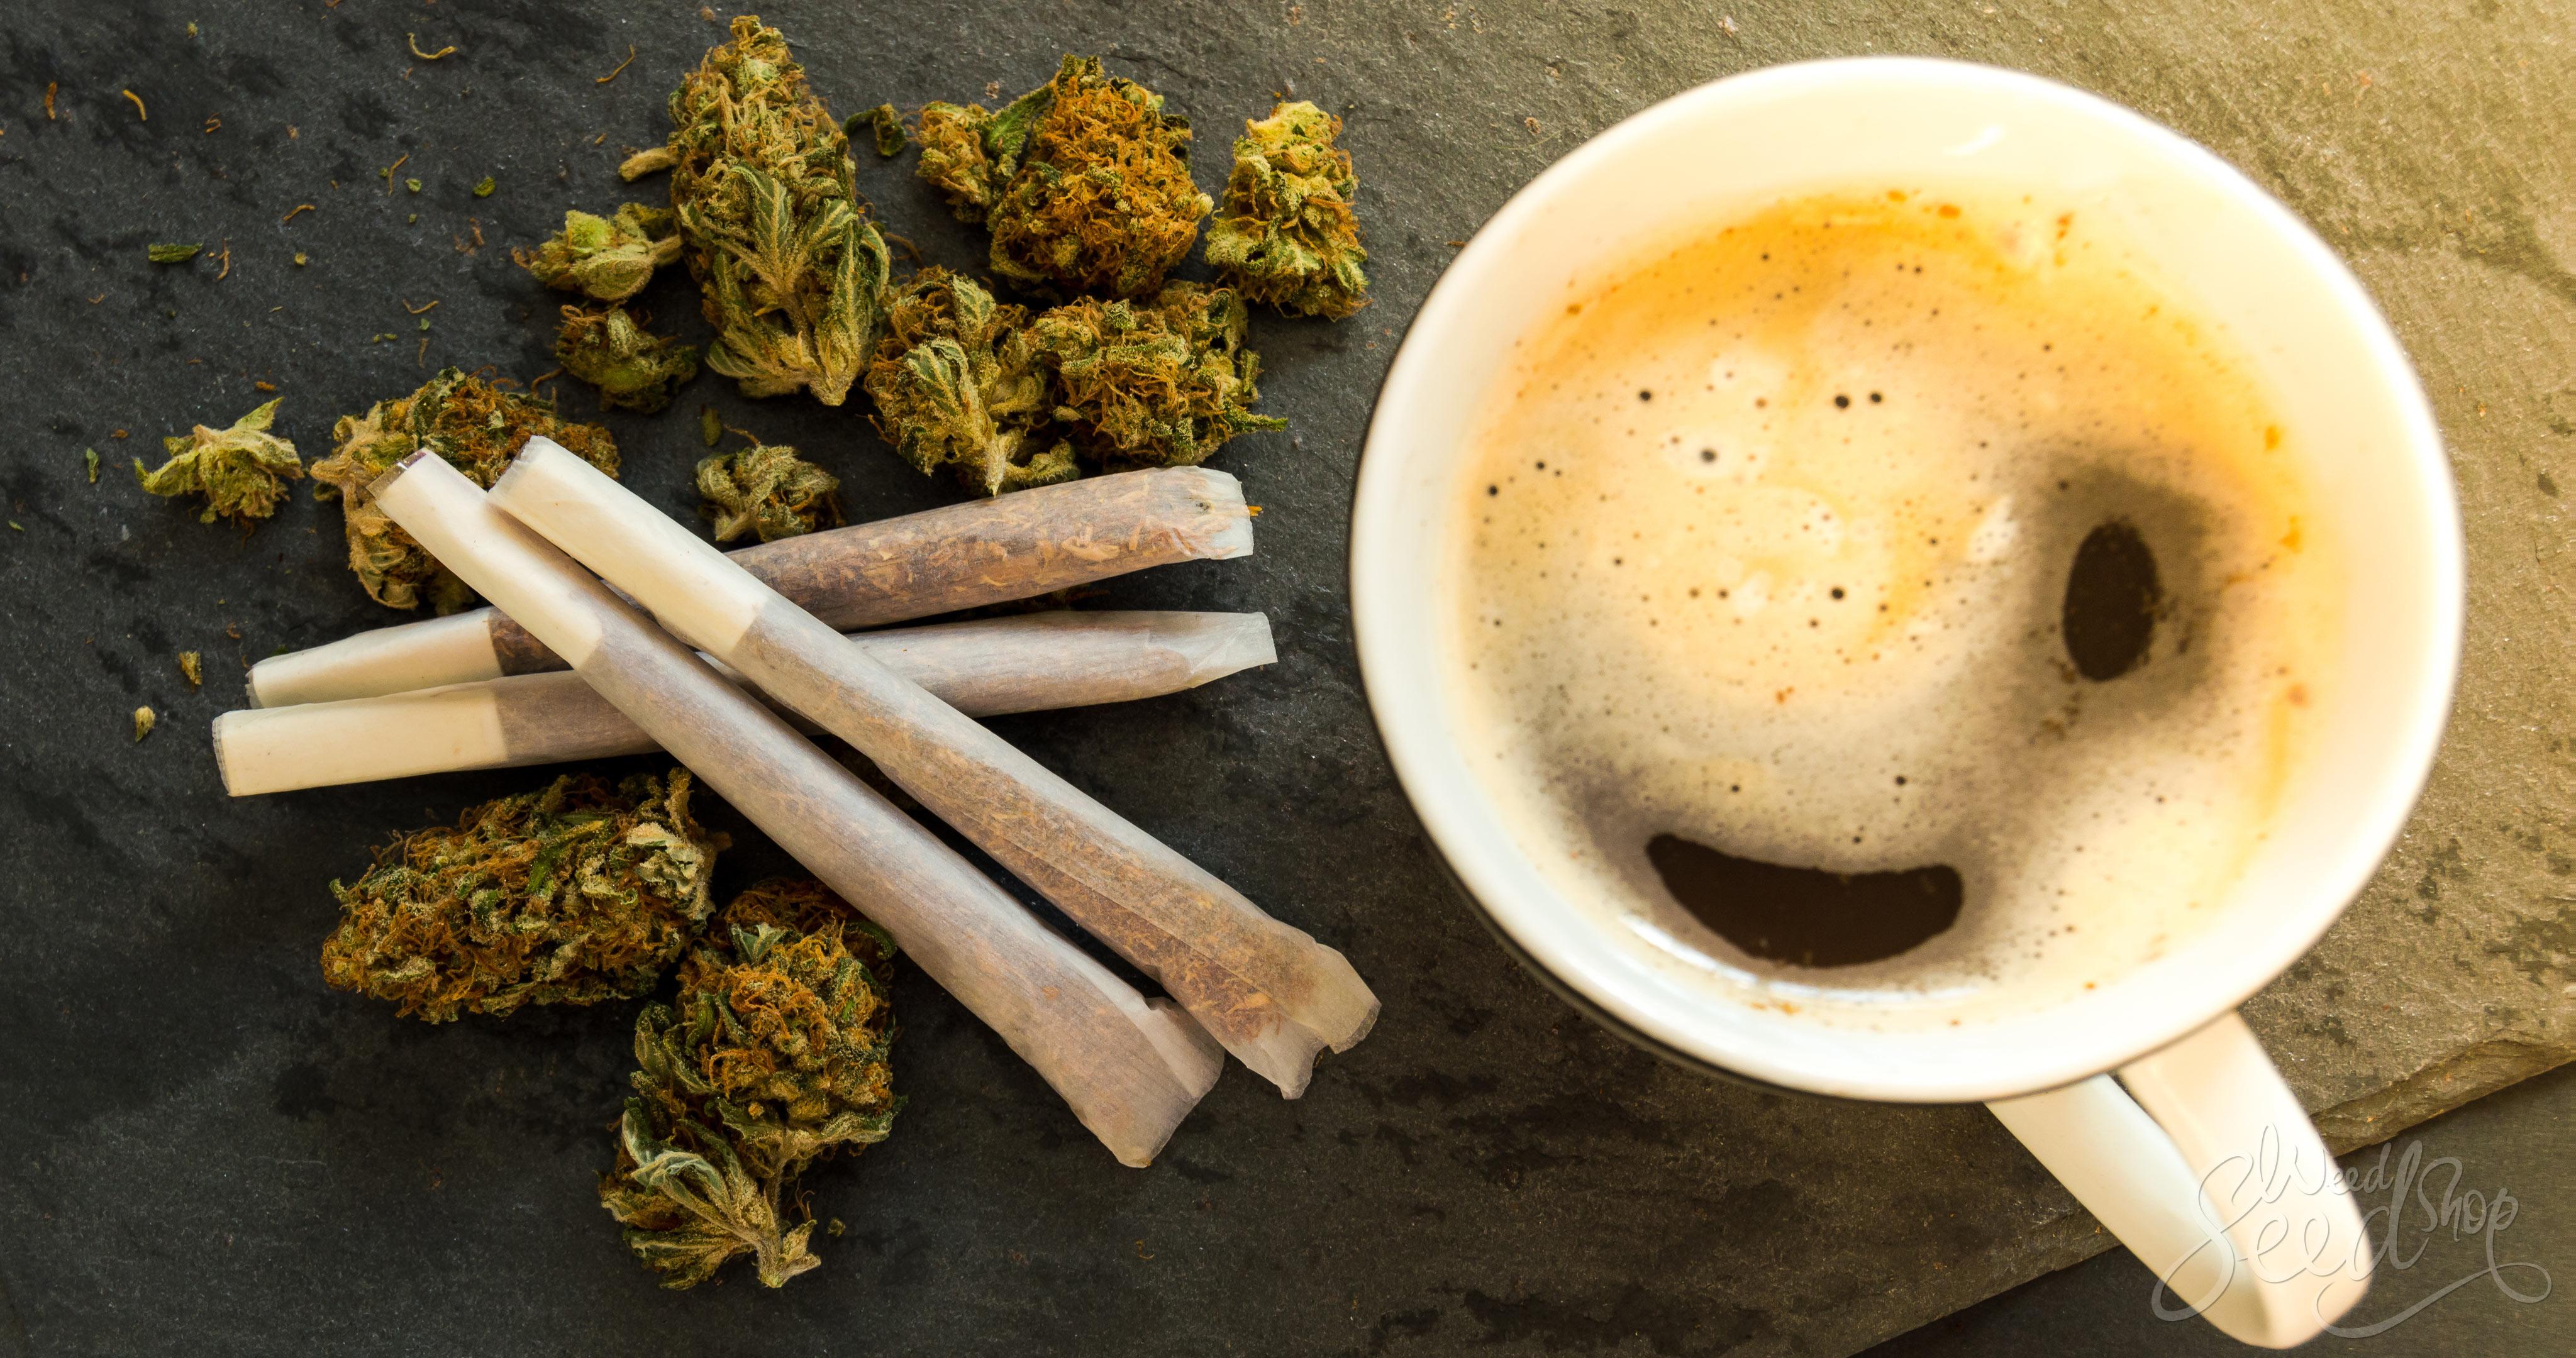 Los pros y contras de despertarse y fumar - WeedSeedShop